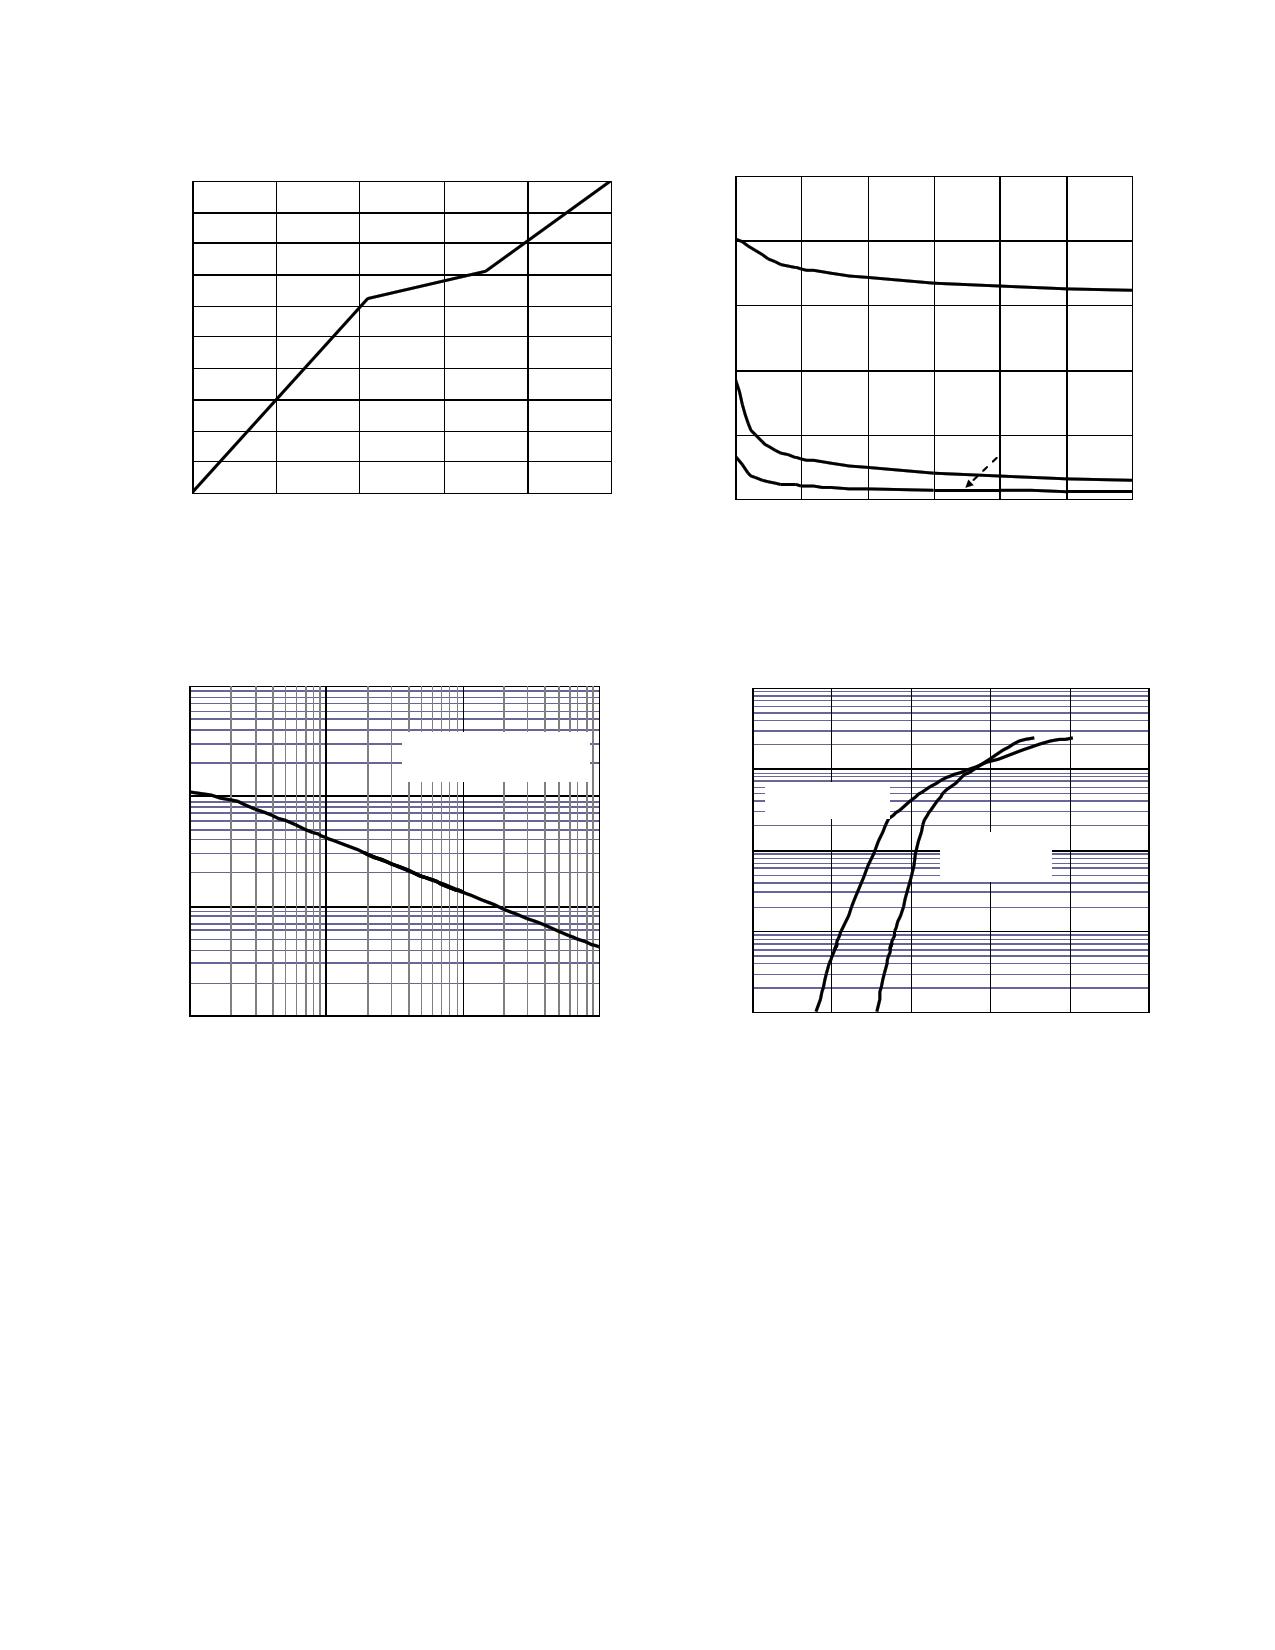 MXP6010CTS pdf, 반도체, 판매, 대치품